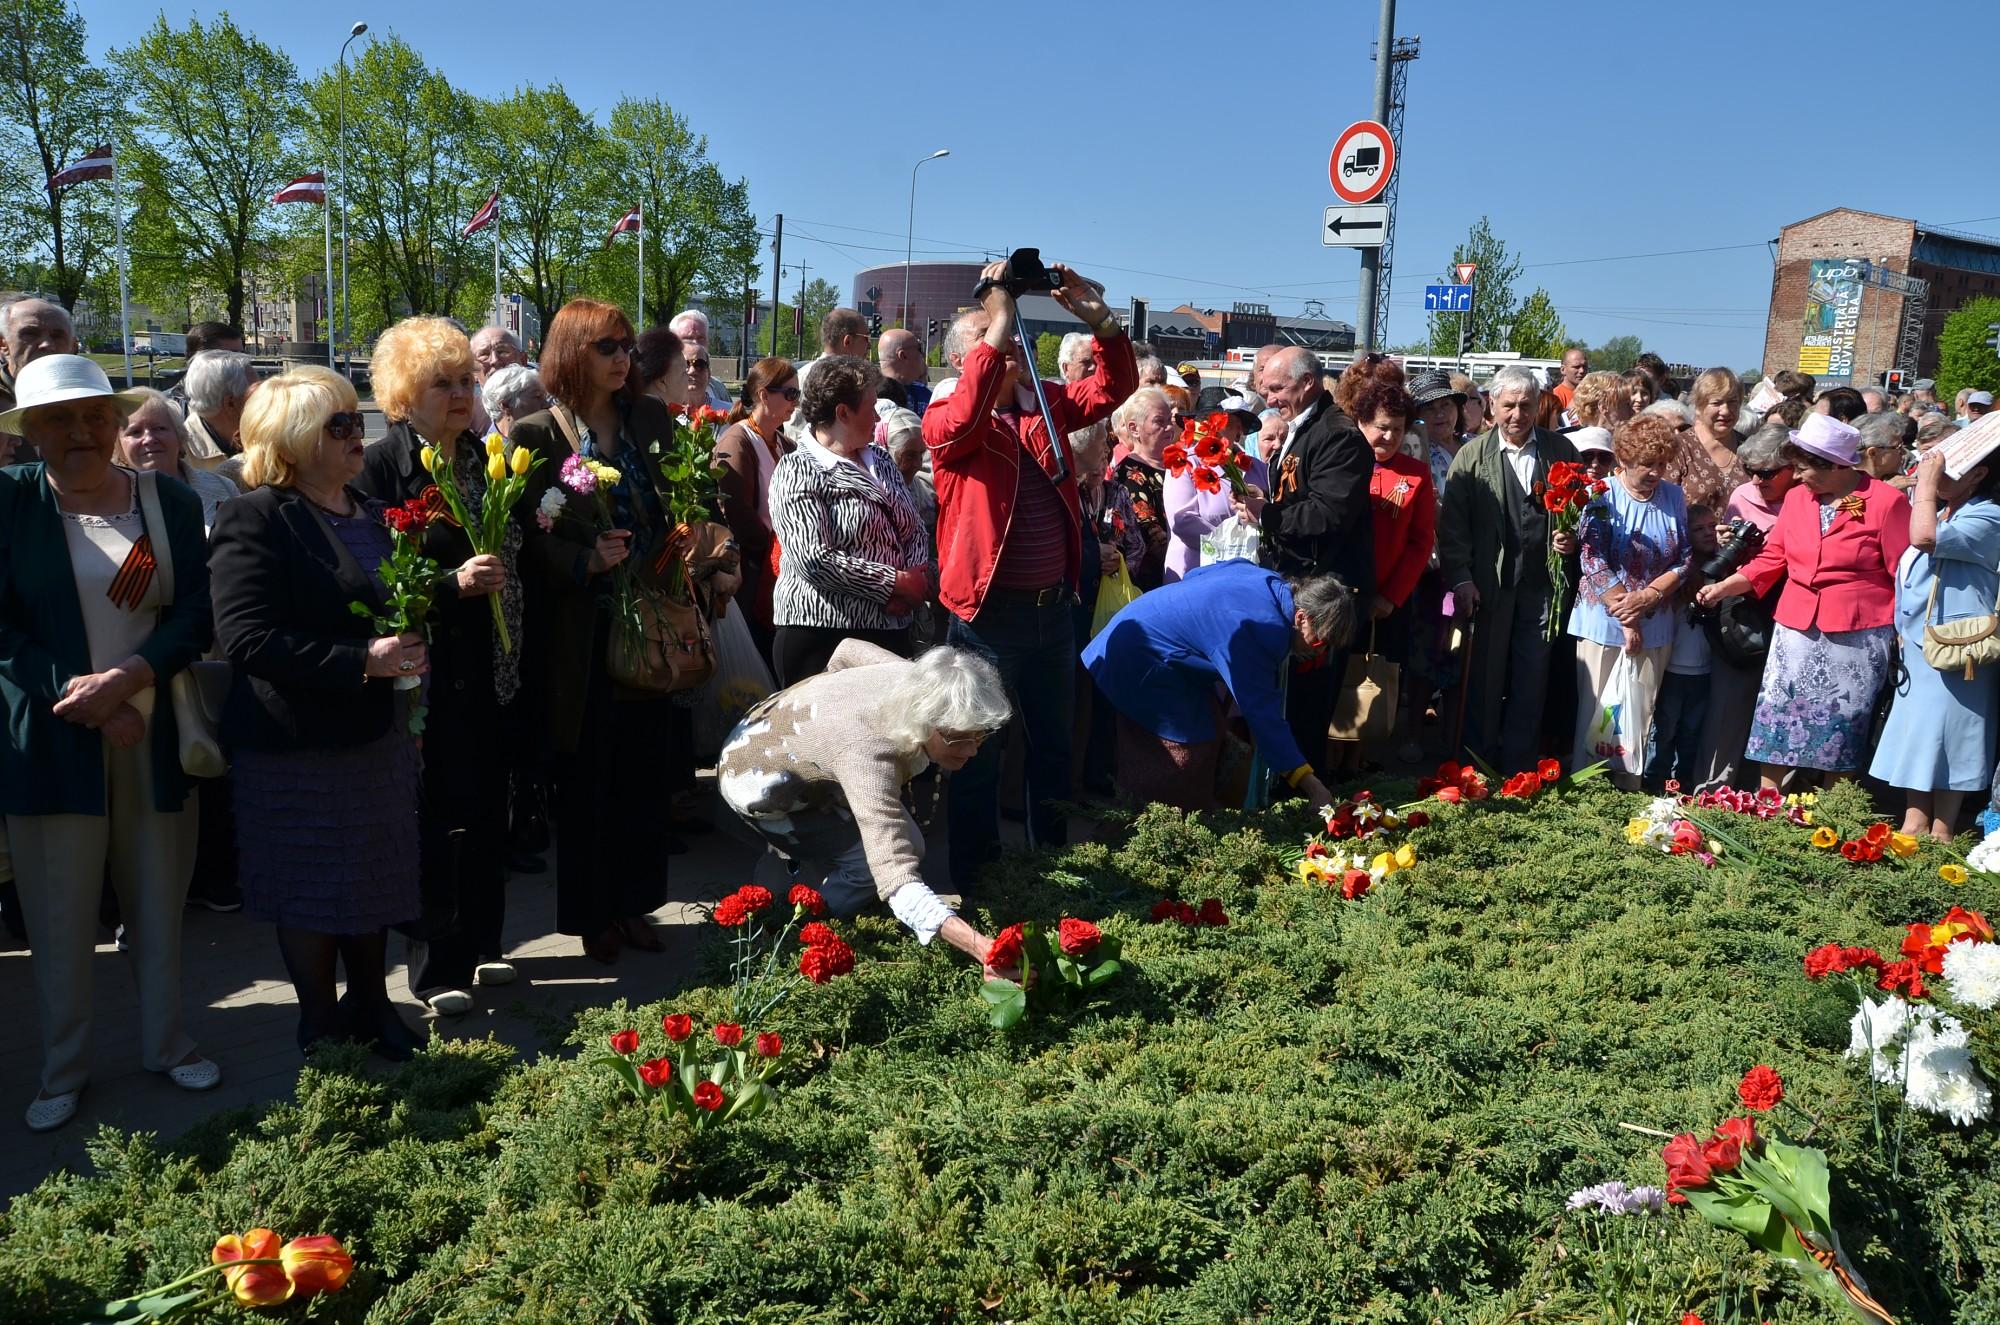 Liepājas Krievu kopienas rīkotie pasākumi noris mierīgi